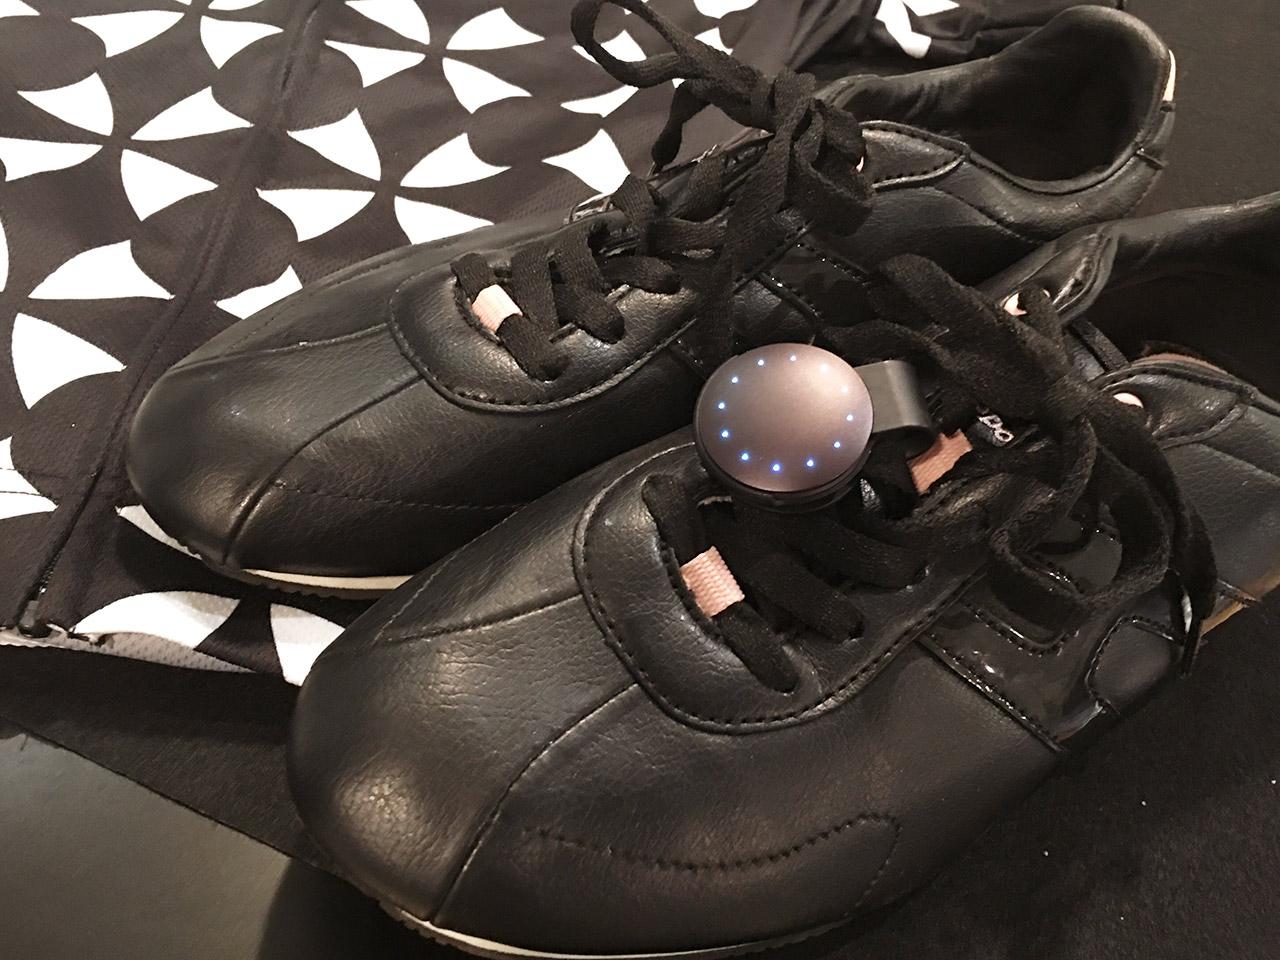 Misfit Shine 2を靴につけたところ